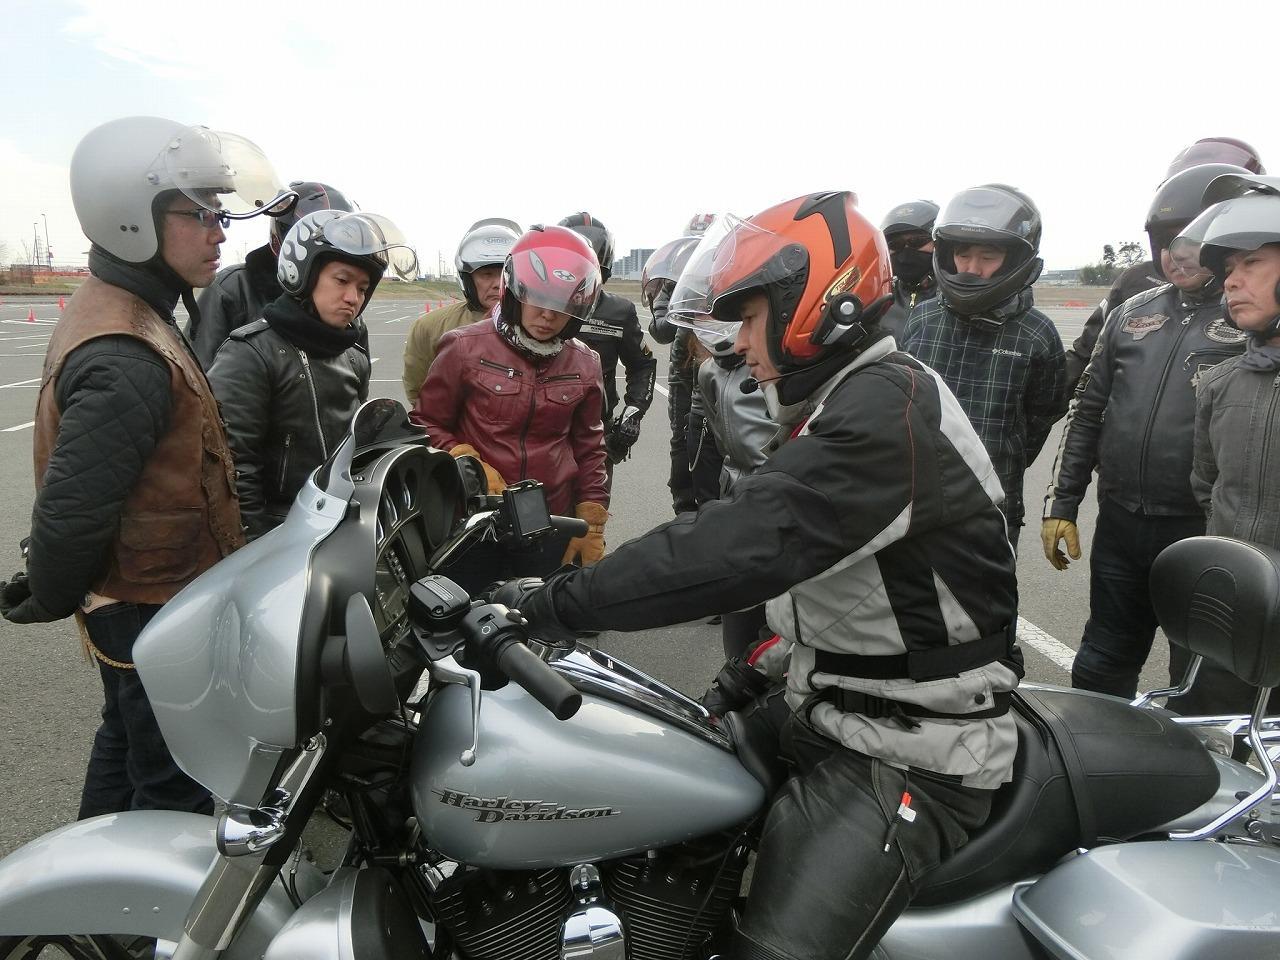 全米No1ハーレー・ライディングレッスン会『ライド・ライク・ア・プロ』